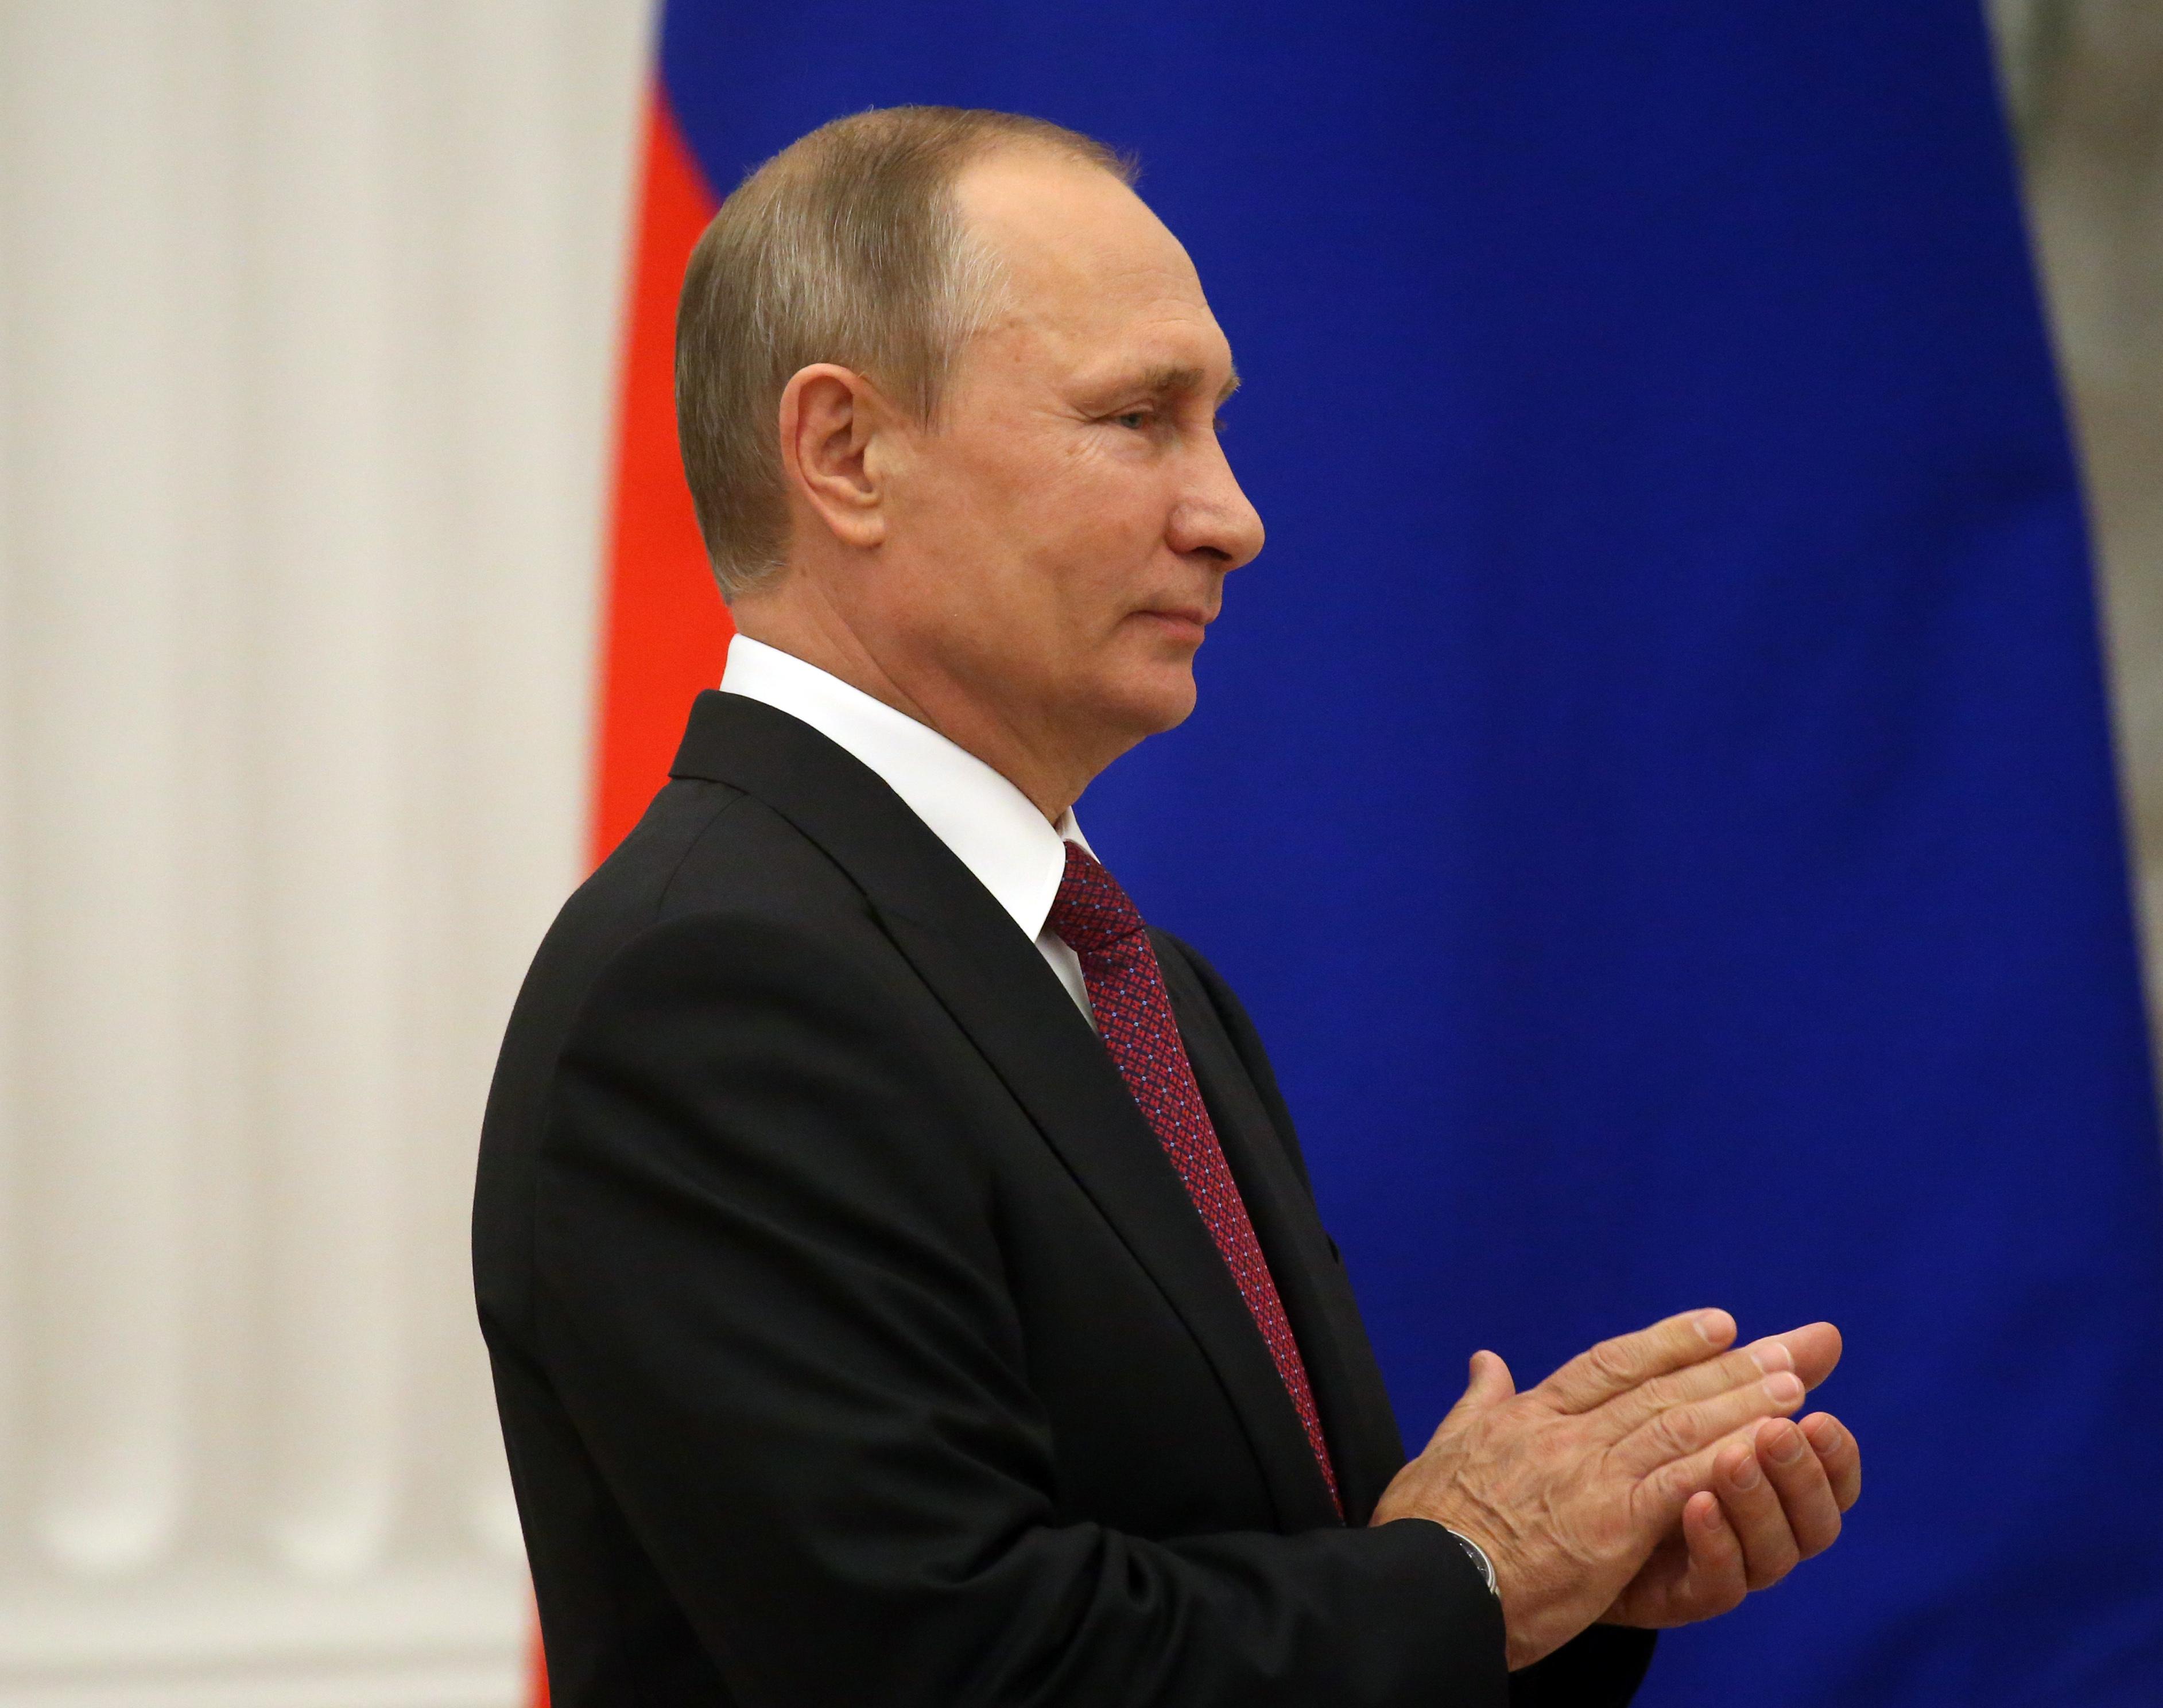 Russian President Vladimir Putin attends the awarding ceremony at the Kremlin